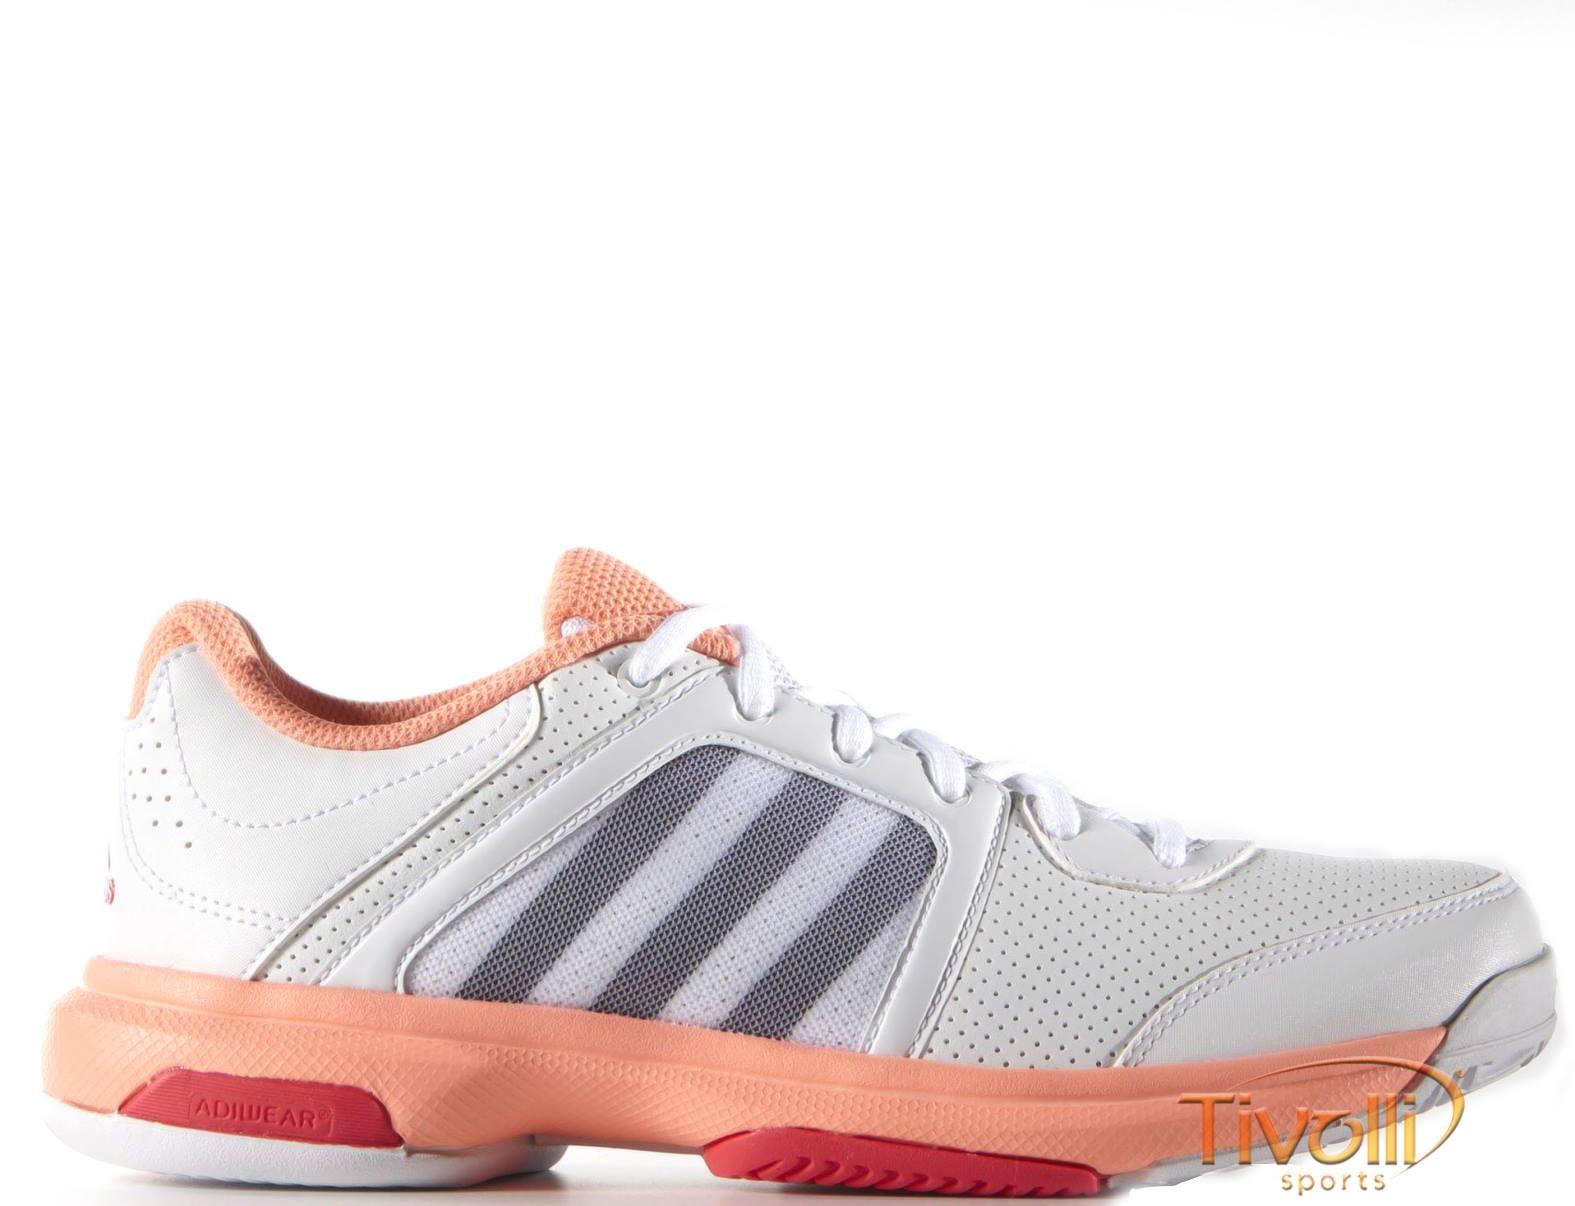 07a6cf8e3f Raquete Mania > Calçados > Adidas